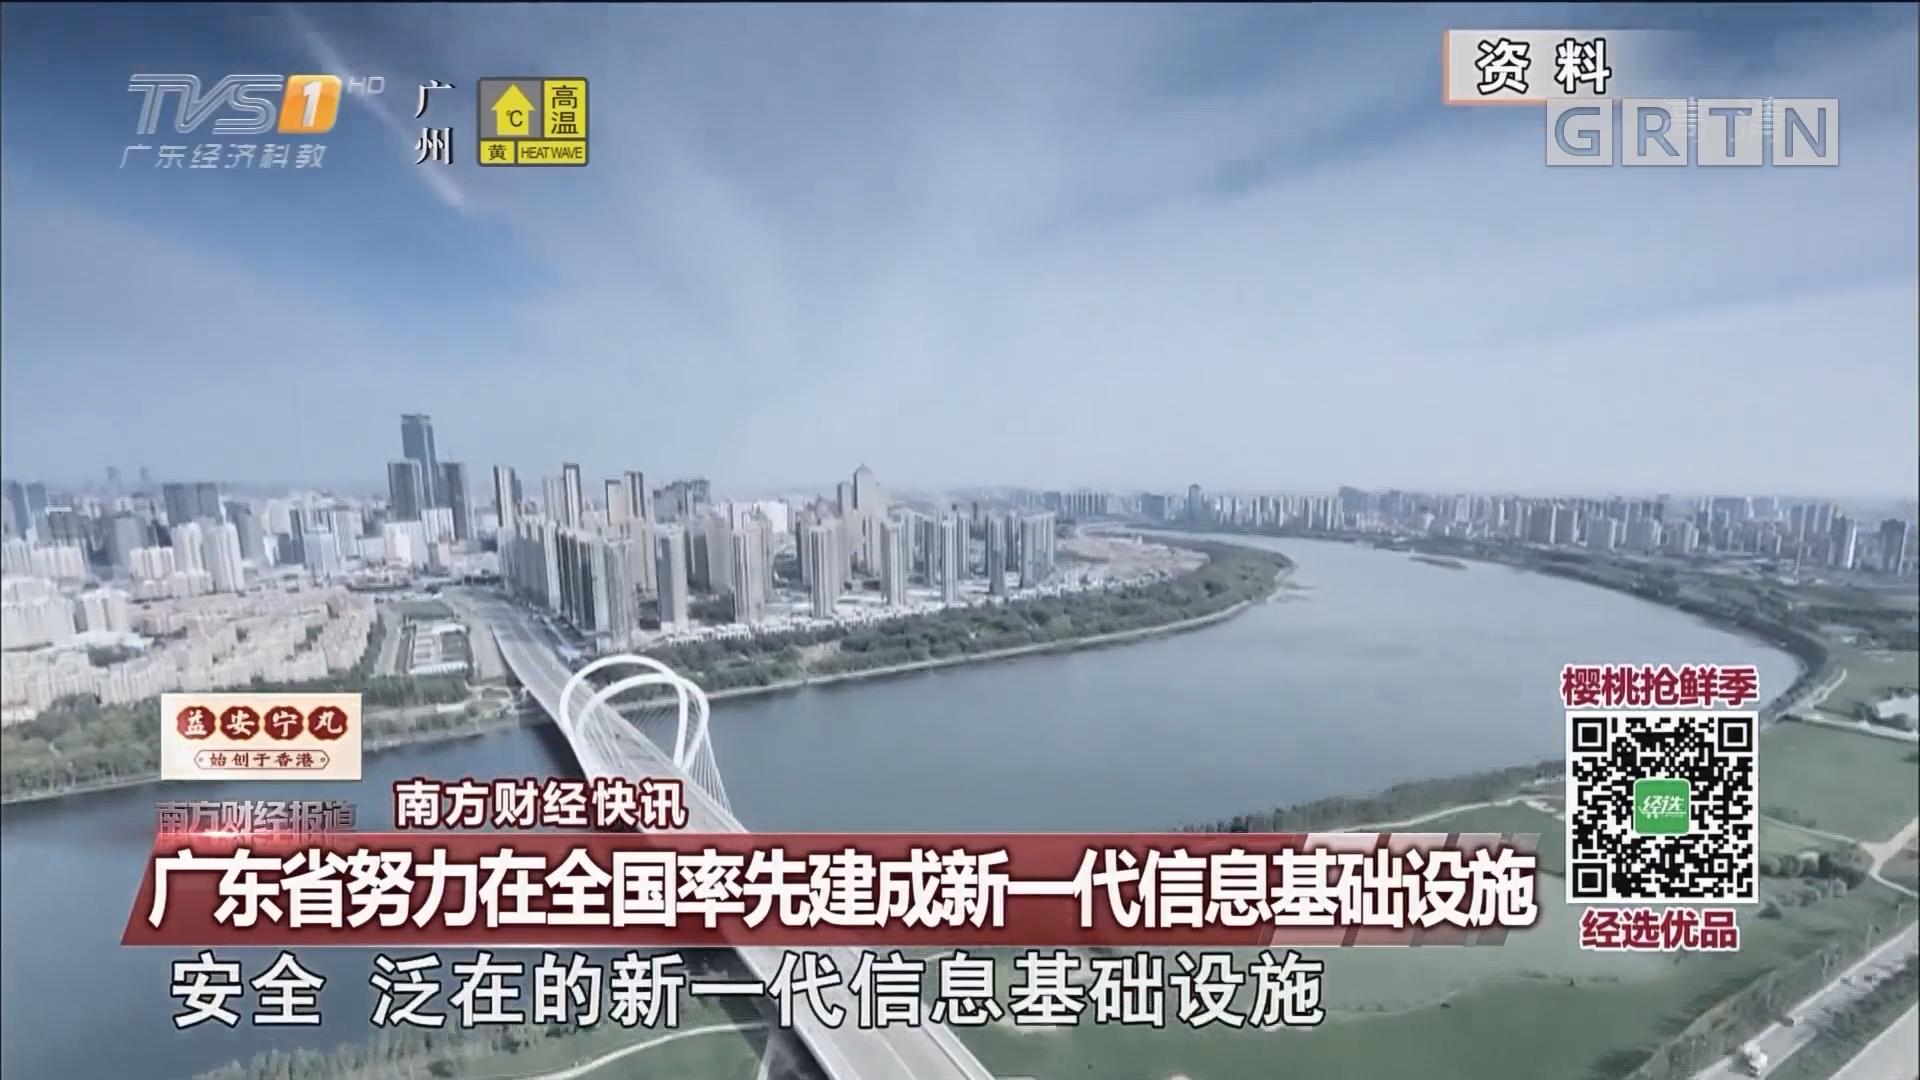 广东省努力在全国率先建成新一代信息基础设施